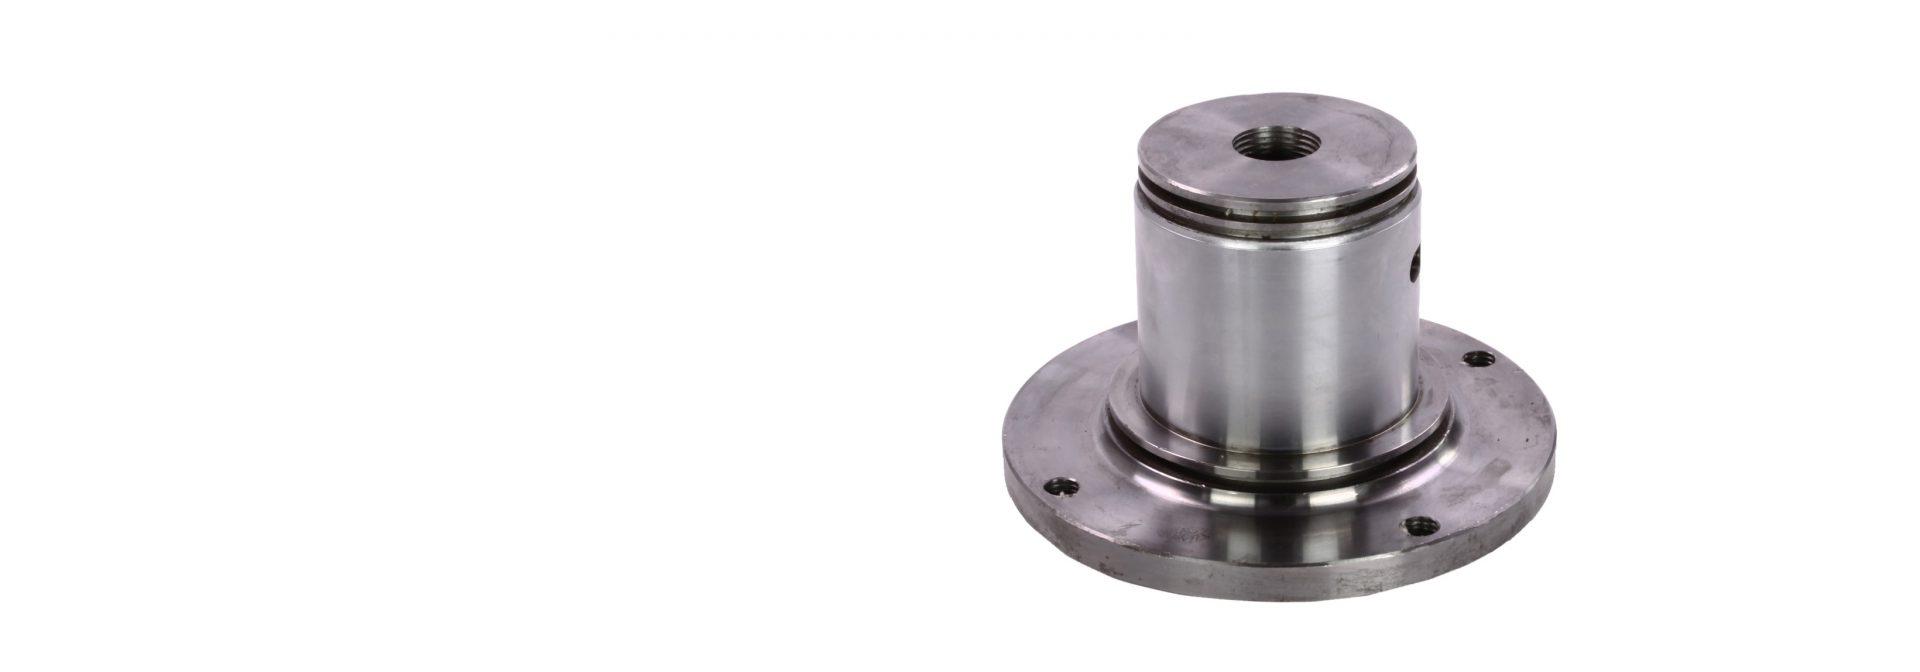 Gesenkschmieden - homogene Produkte mit ausgezeichneten mechanischen merkmalen